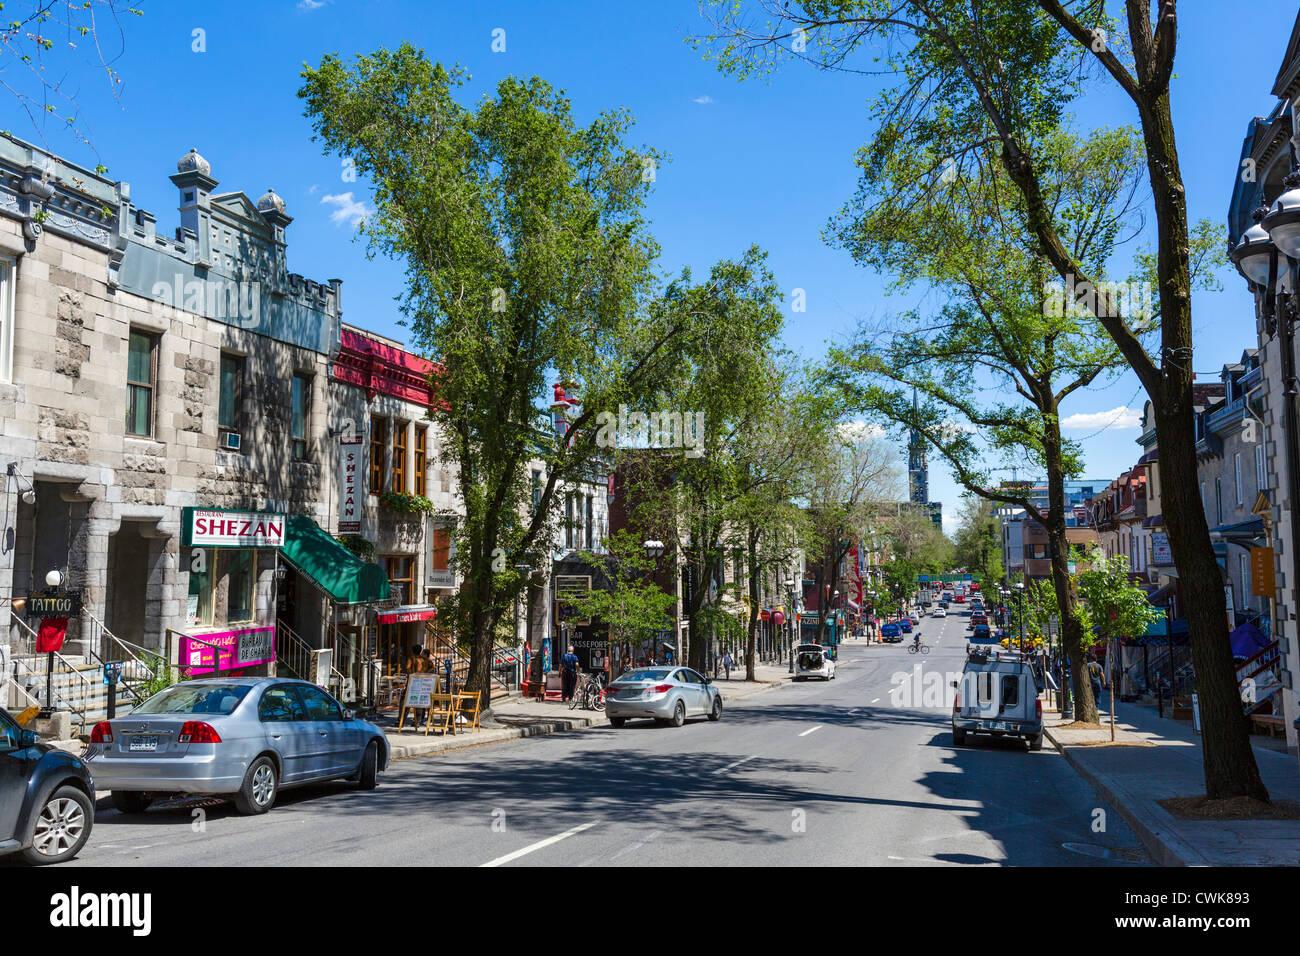 Rue Saint-Denis in the Quartier Latin (Latin Quarter), Montreal, Quebec, Canada - Stock Image